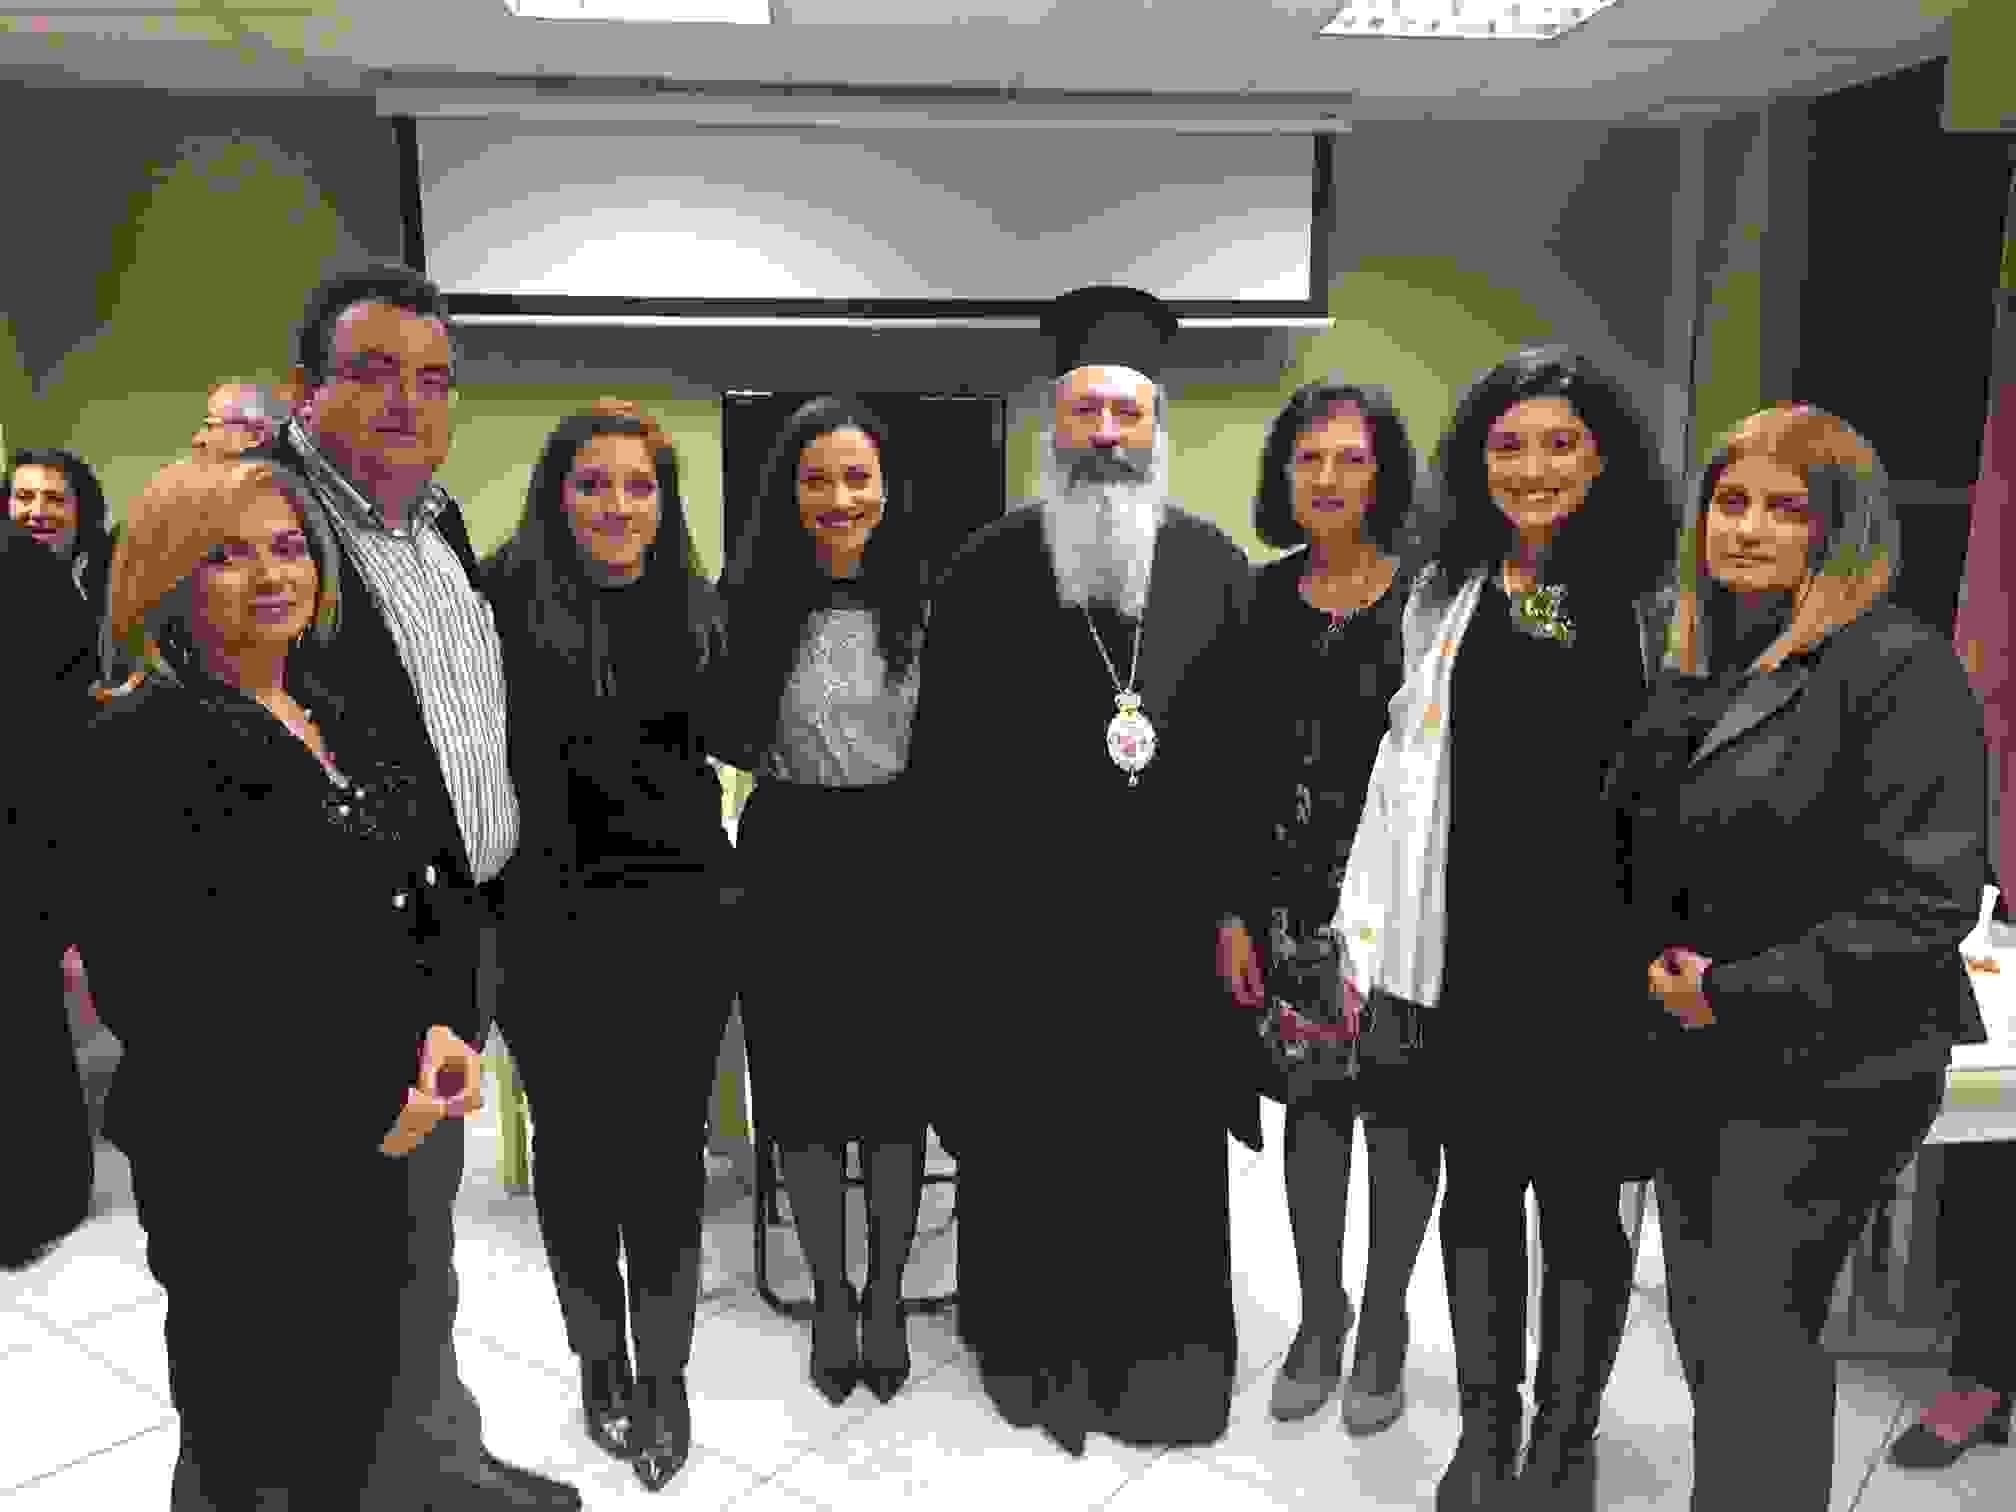 Εντυπωσιασμένος ο Δεσπότης με τους Κεφαλλονίτες της Αθήνας